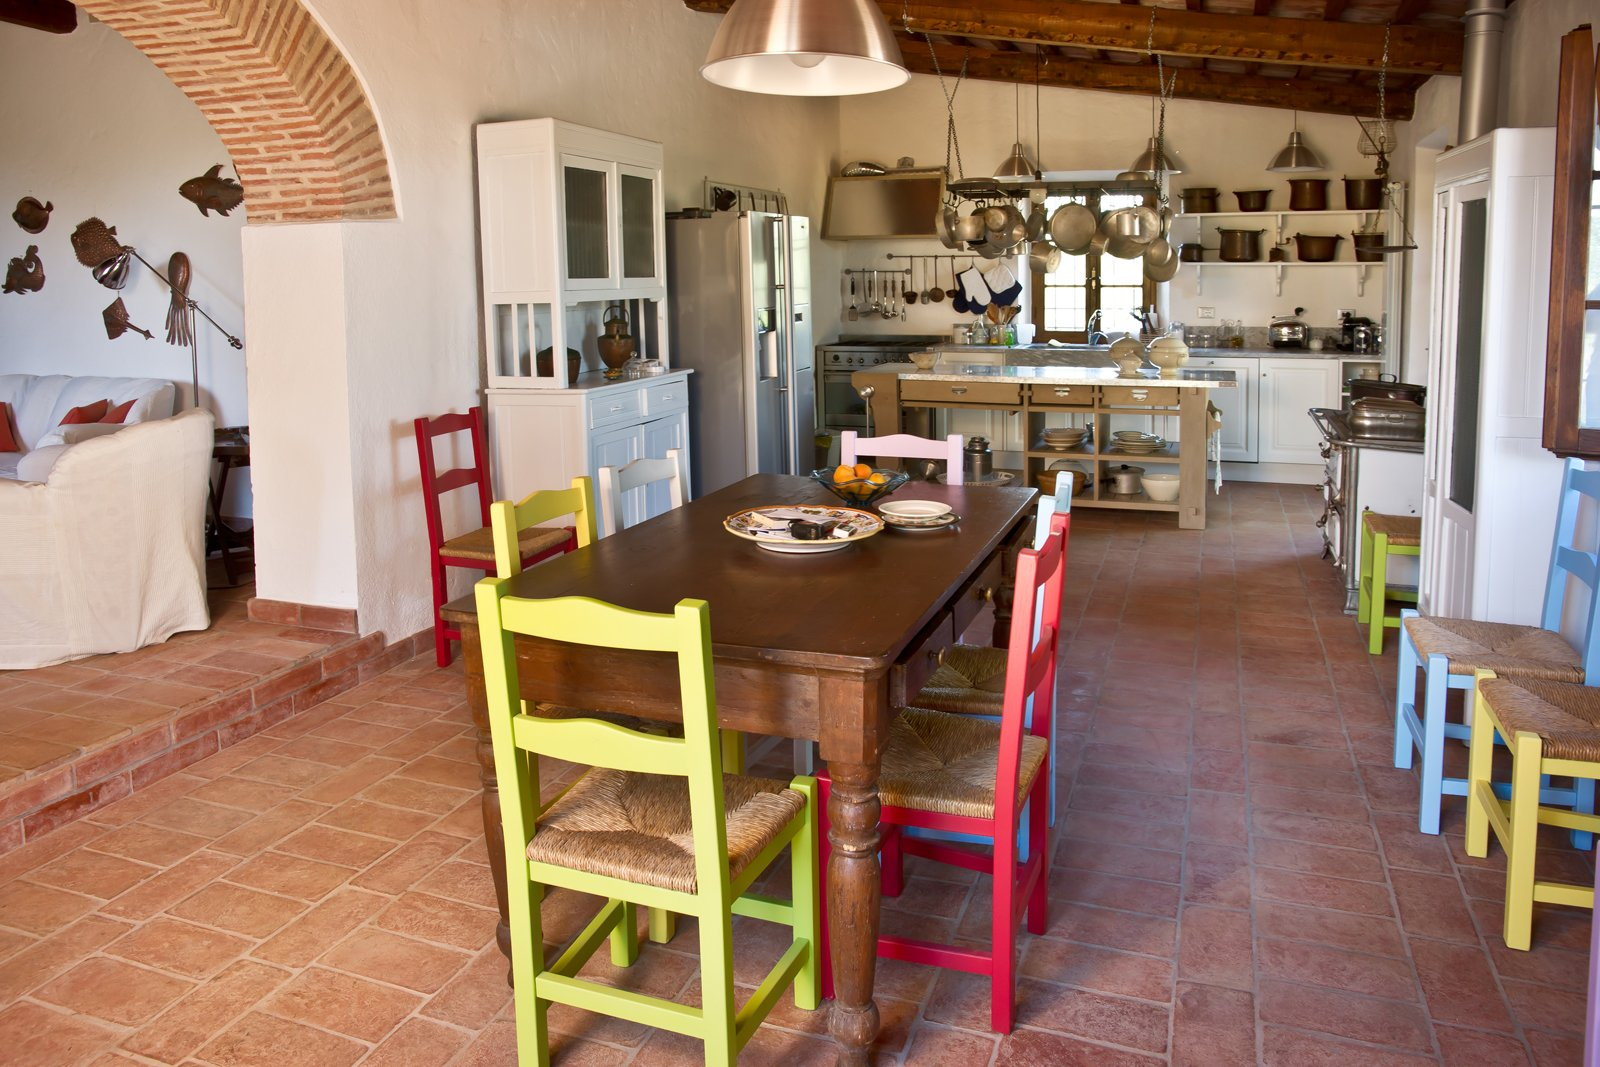 Piastrelle per il pavimento della cucina cose di casa - Pavimento per cucina ...